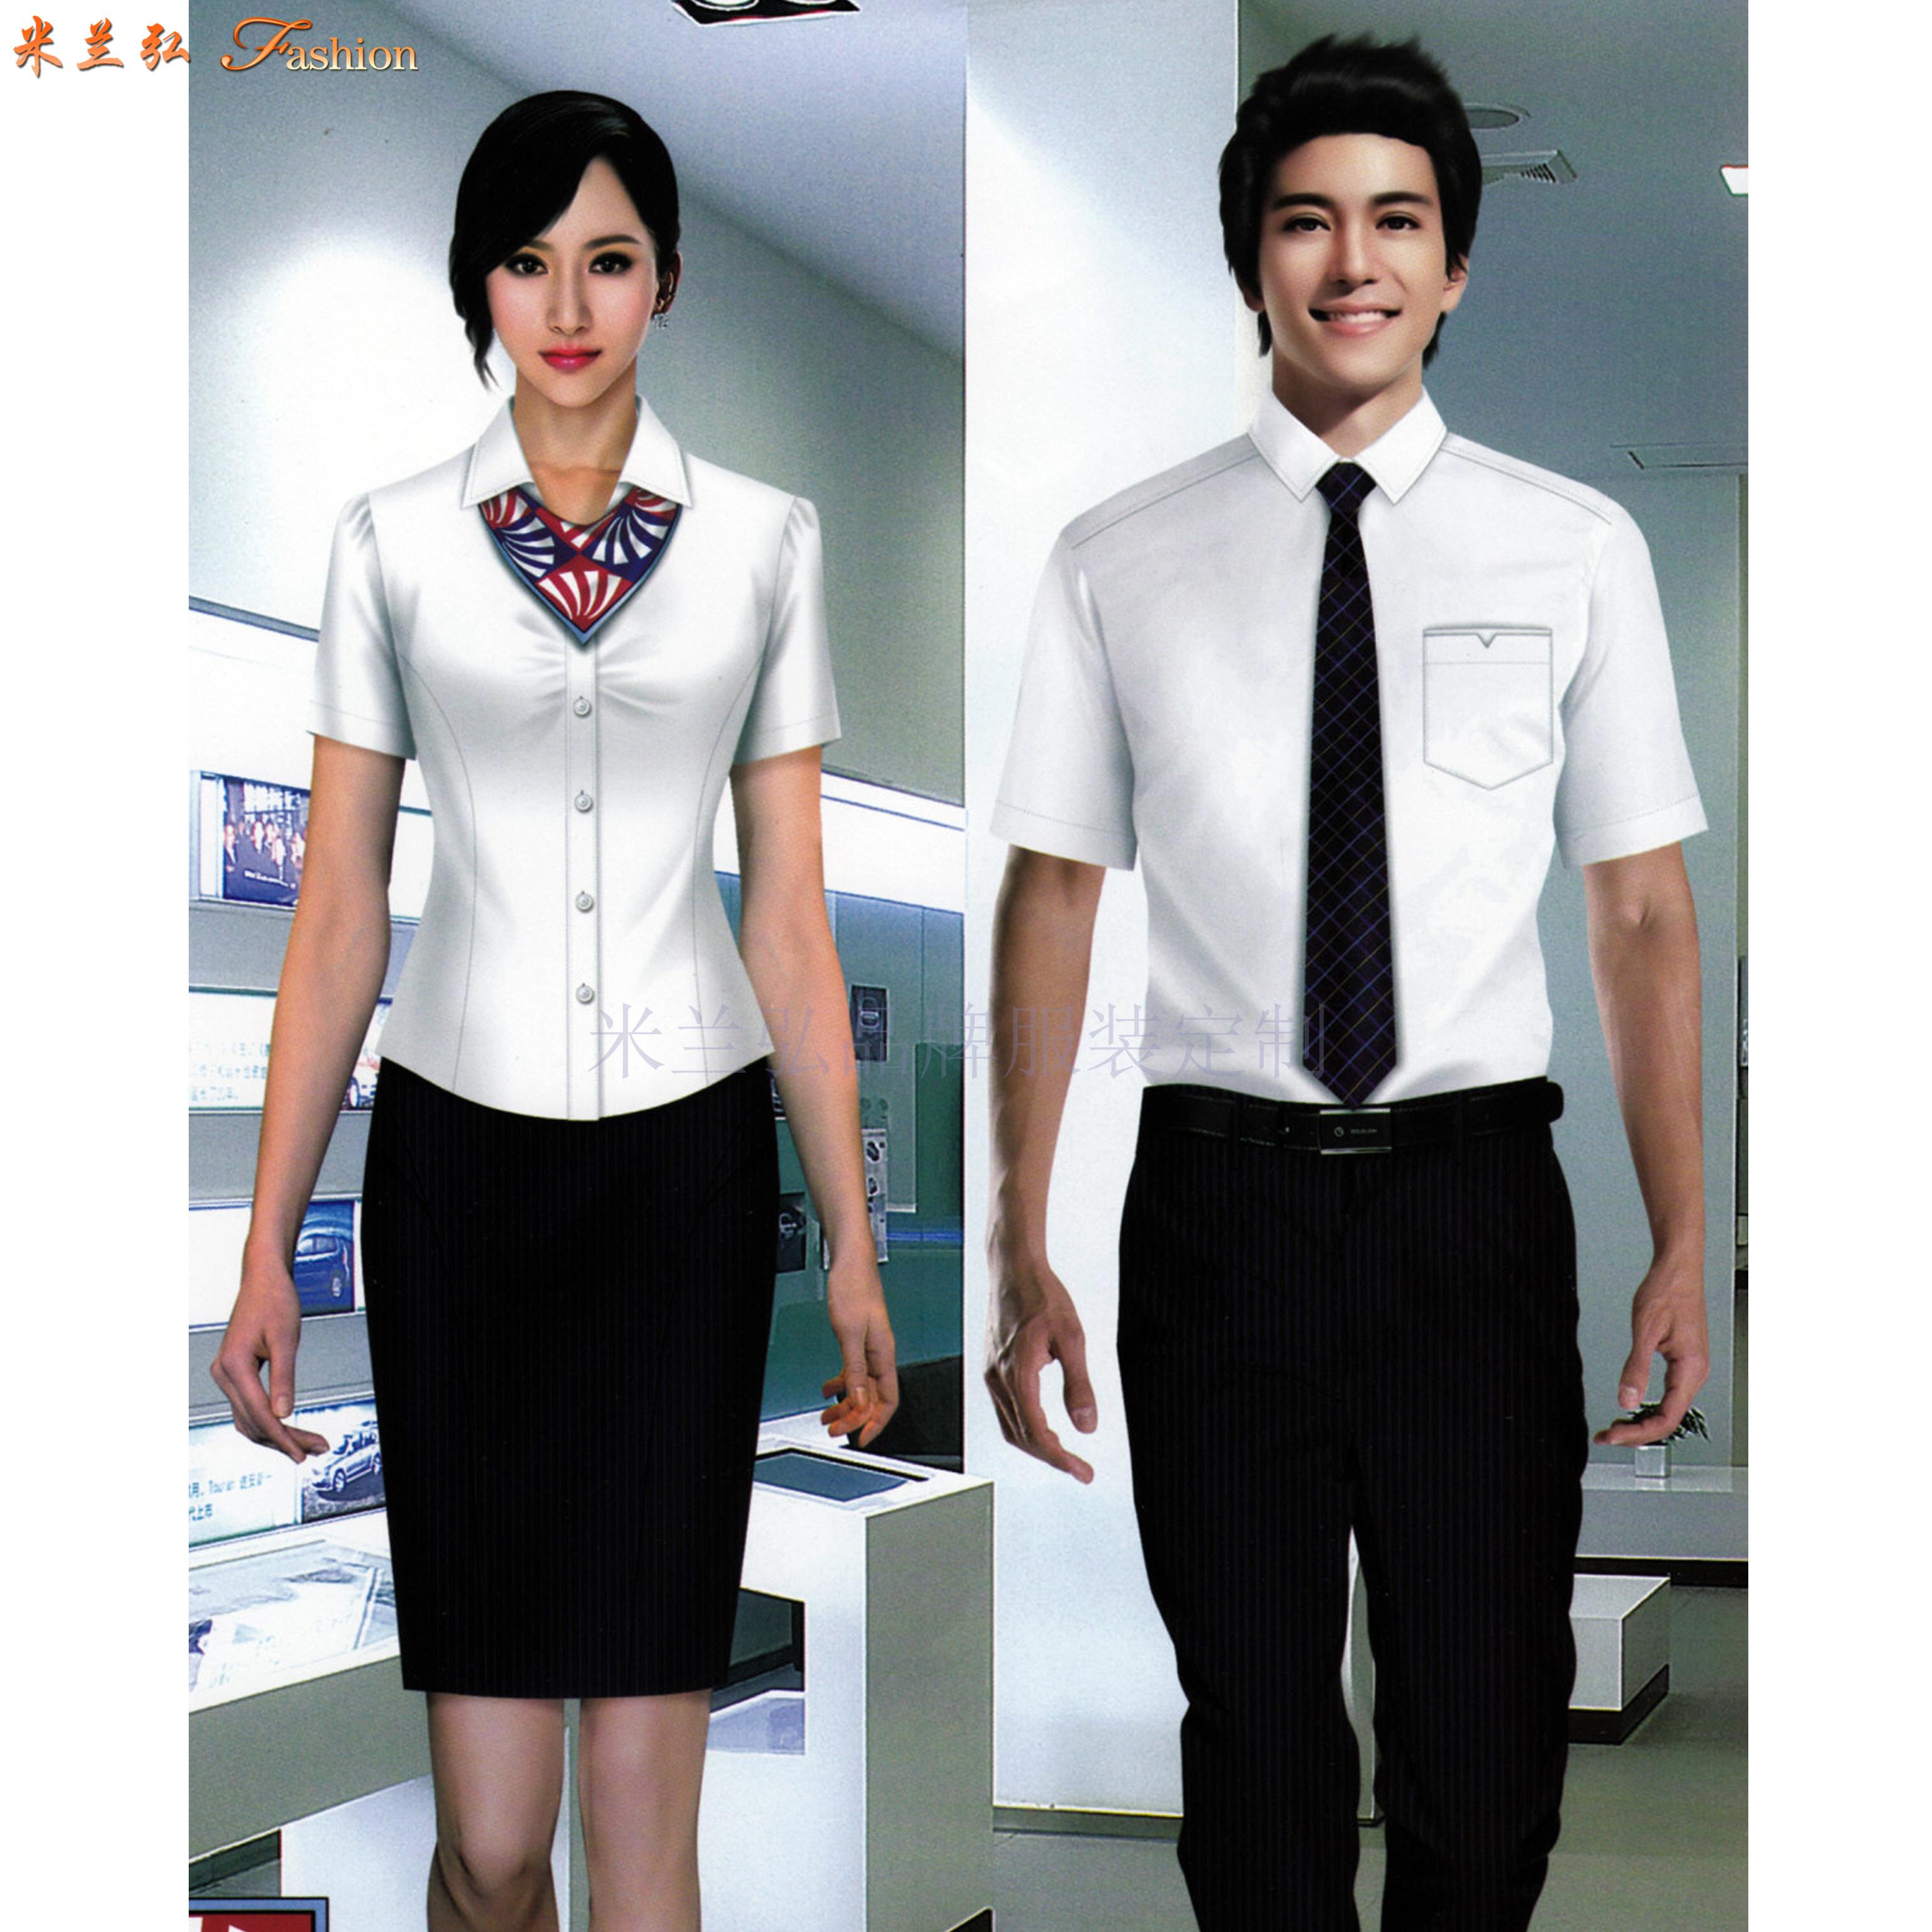 「河北衬衫定制」「石家庄衬衫定做」衬衫订制厂家-米兰弘-5